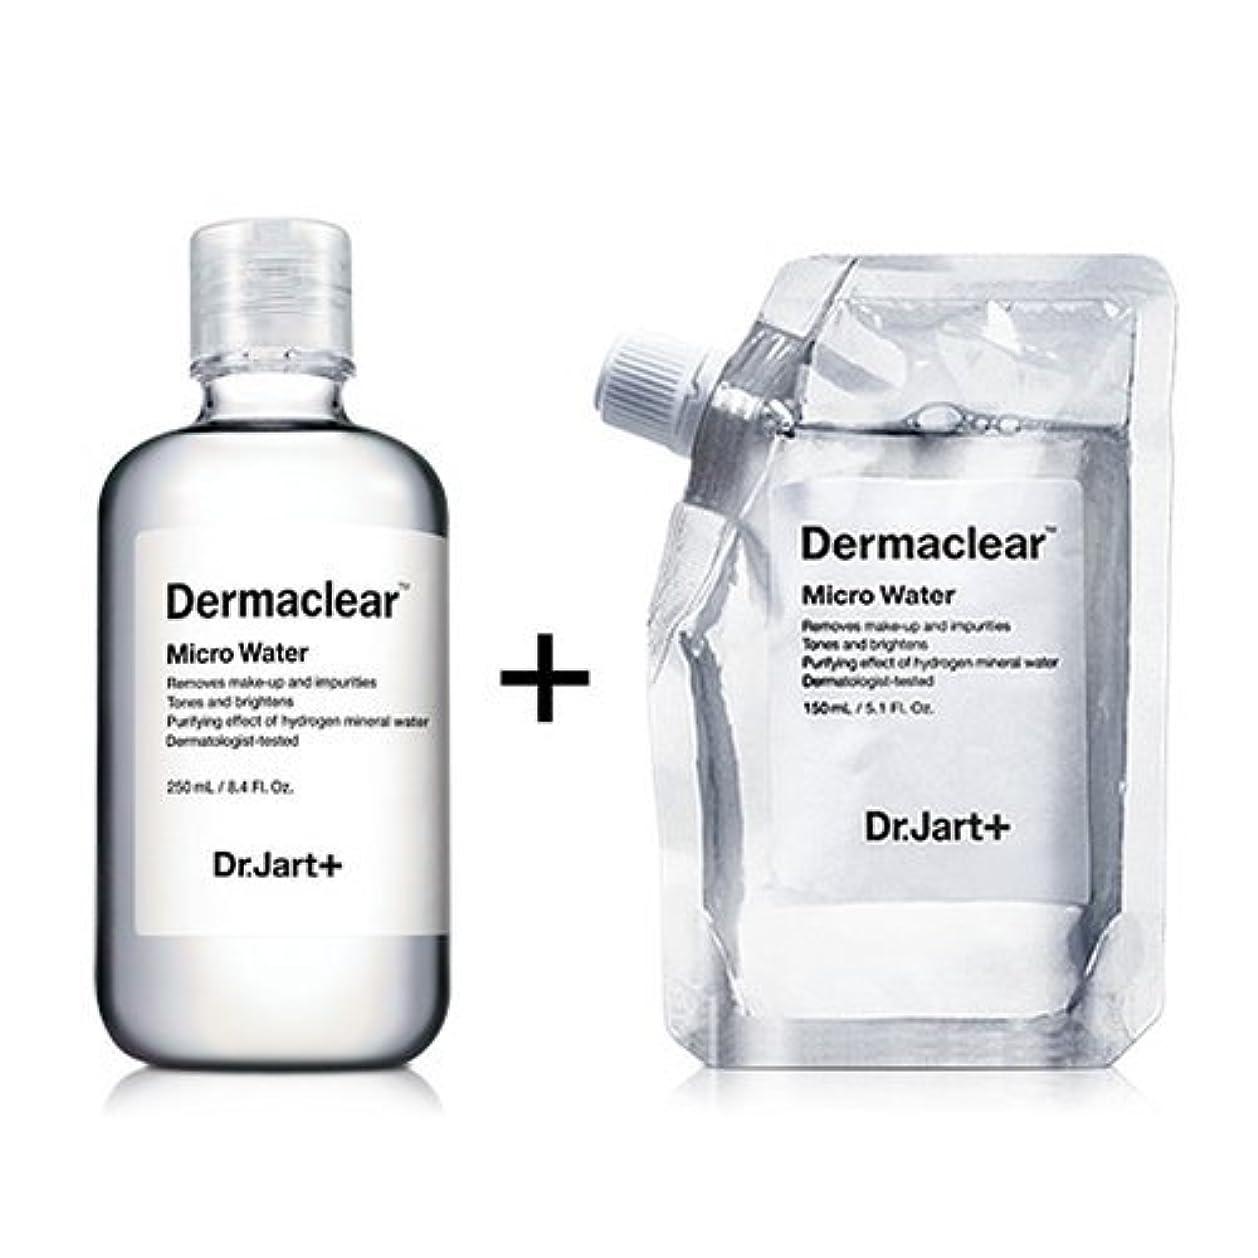 純粋に流星スペクトラムドクタージャルト[韓国コスメ Dr.Jart+]ダーマクリア マイクロ ウォーター250ml+150ml(リフィル) [Dr.Jart+]Dermaclear Micro Water (250ml+150ml)